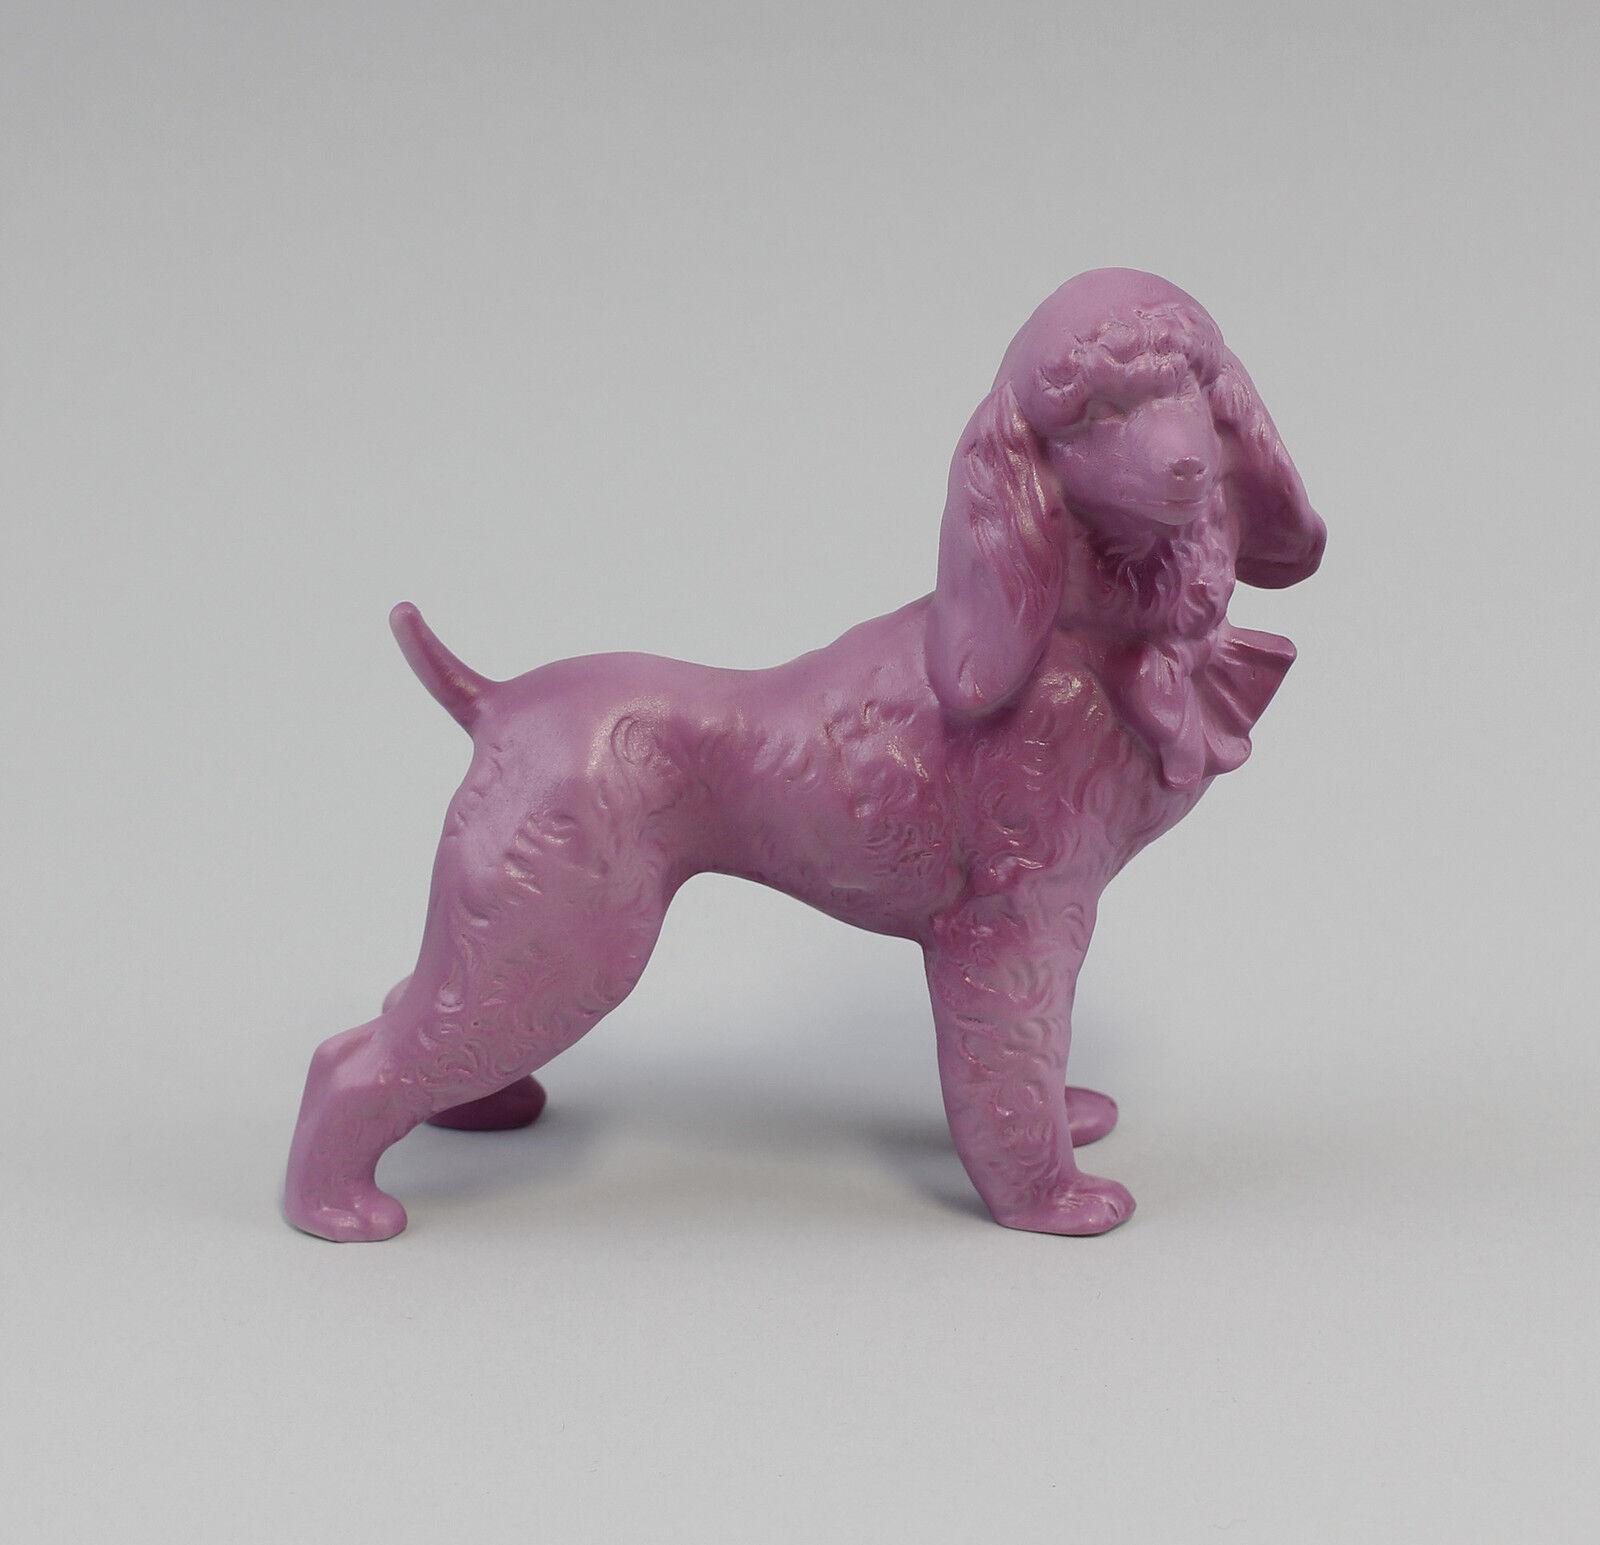 9943171 Porzellan  Figur Pudel-Dame lilat Reichenbach H12cm